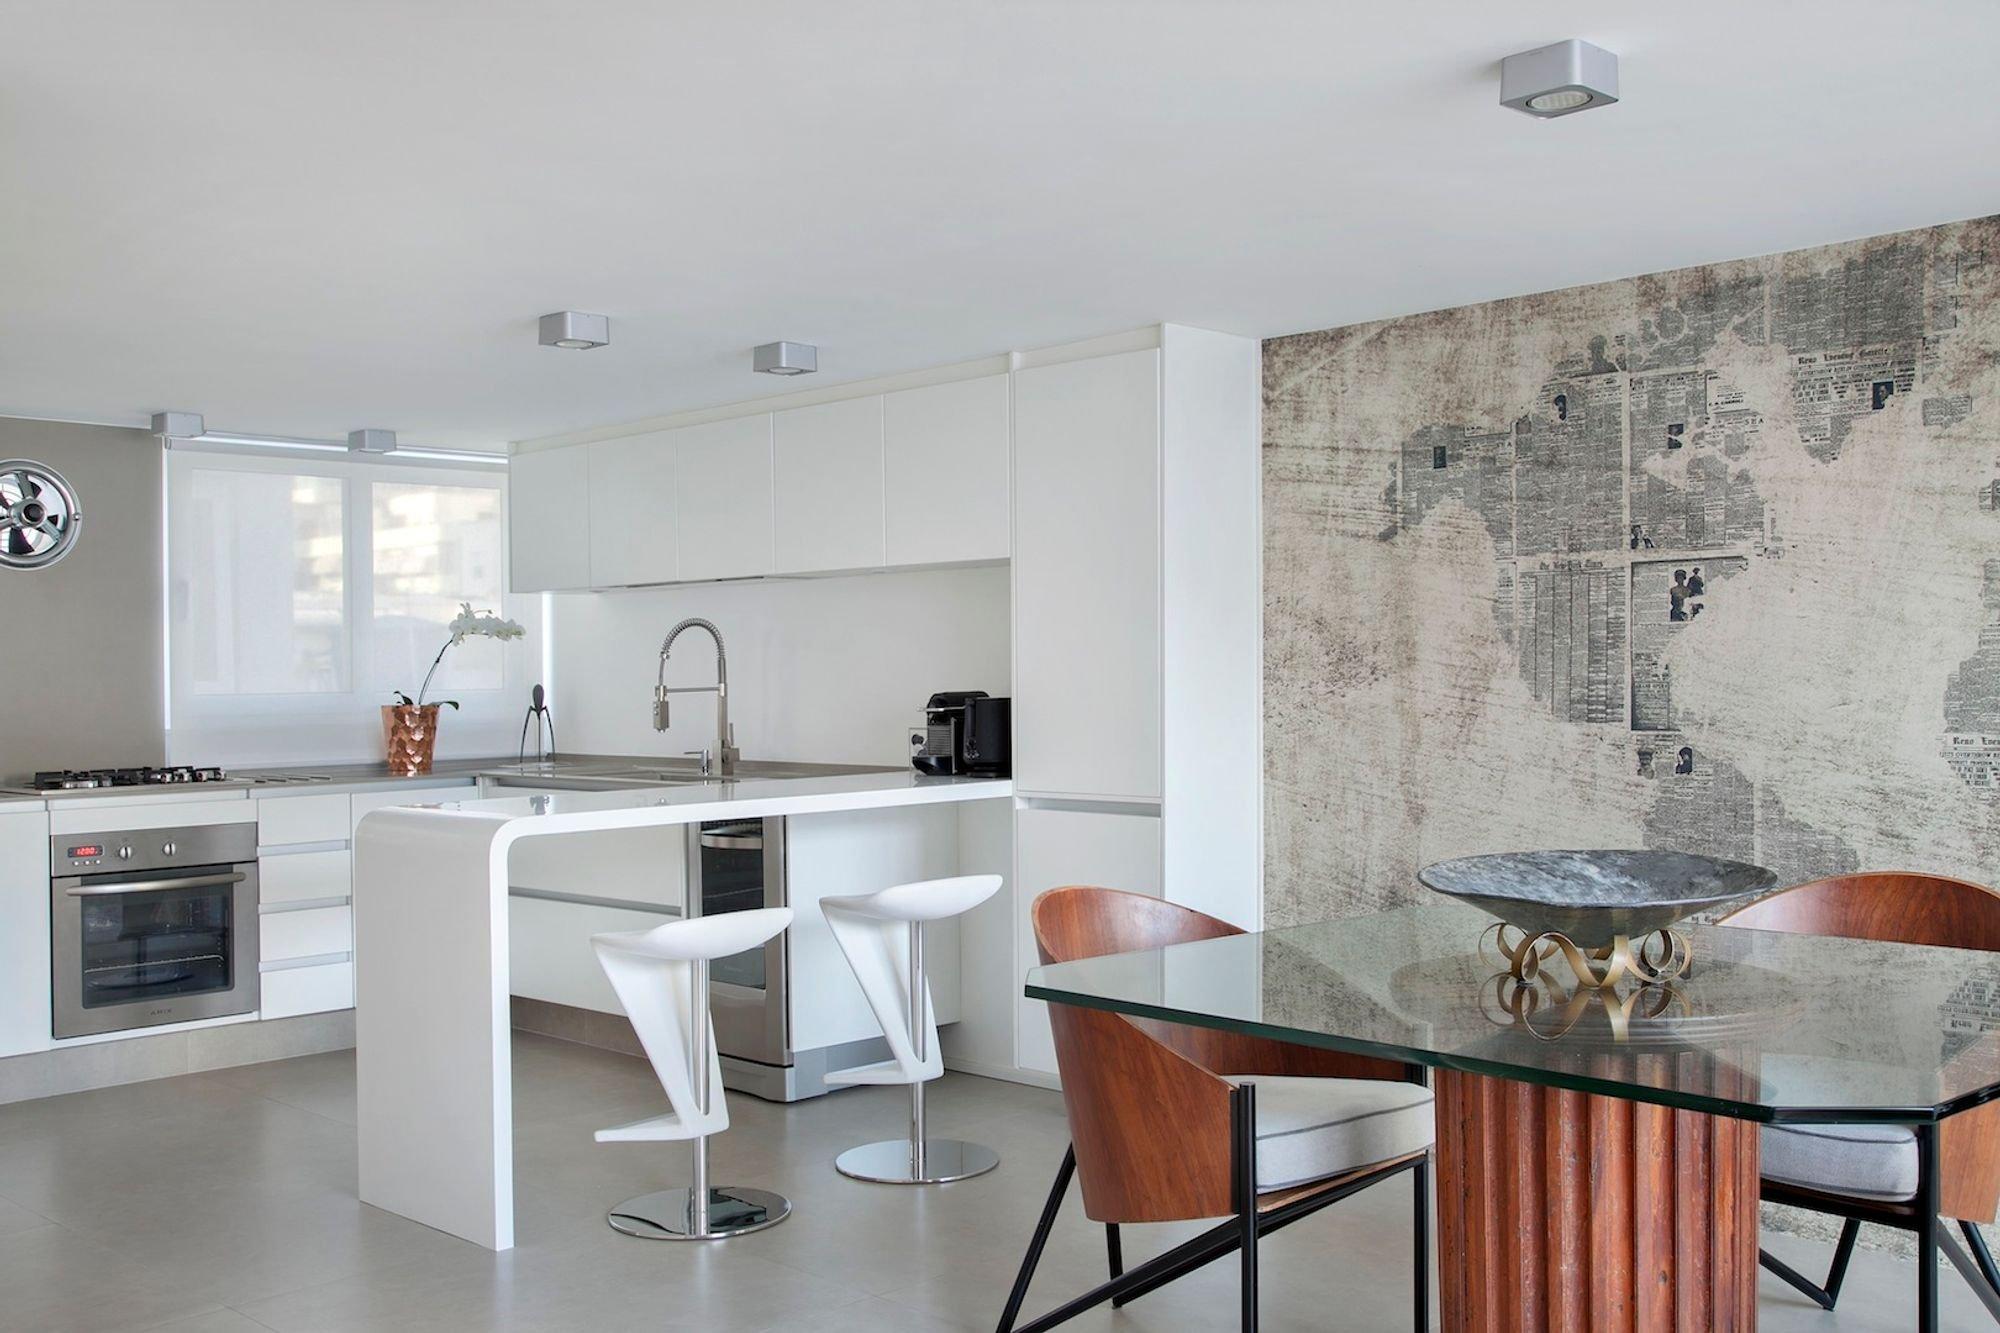 Foto de Sala com forno, pia, cadeira, mesa de jantar, vaso, relógio, microondas